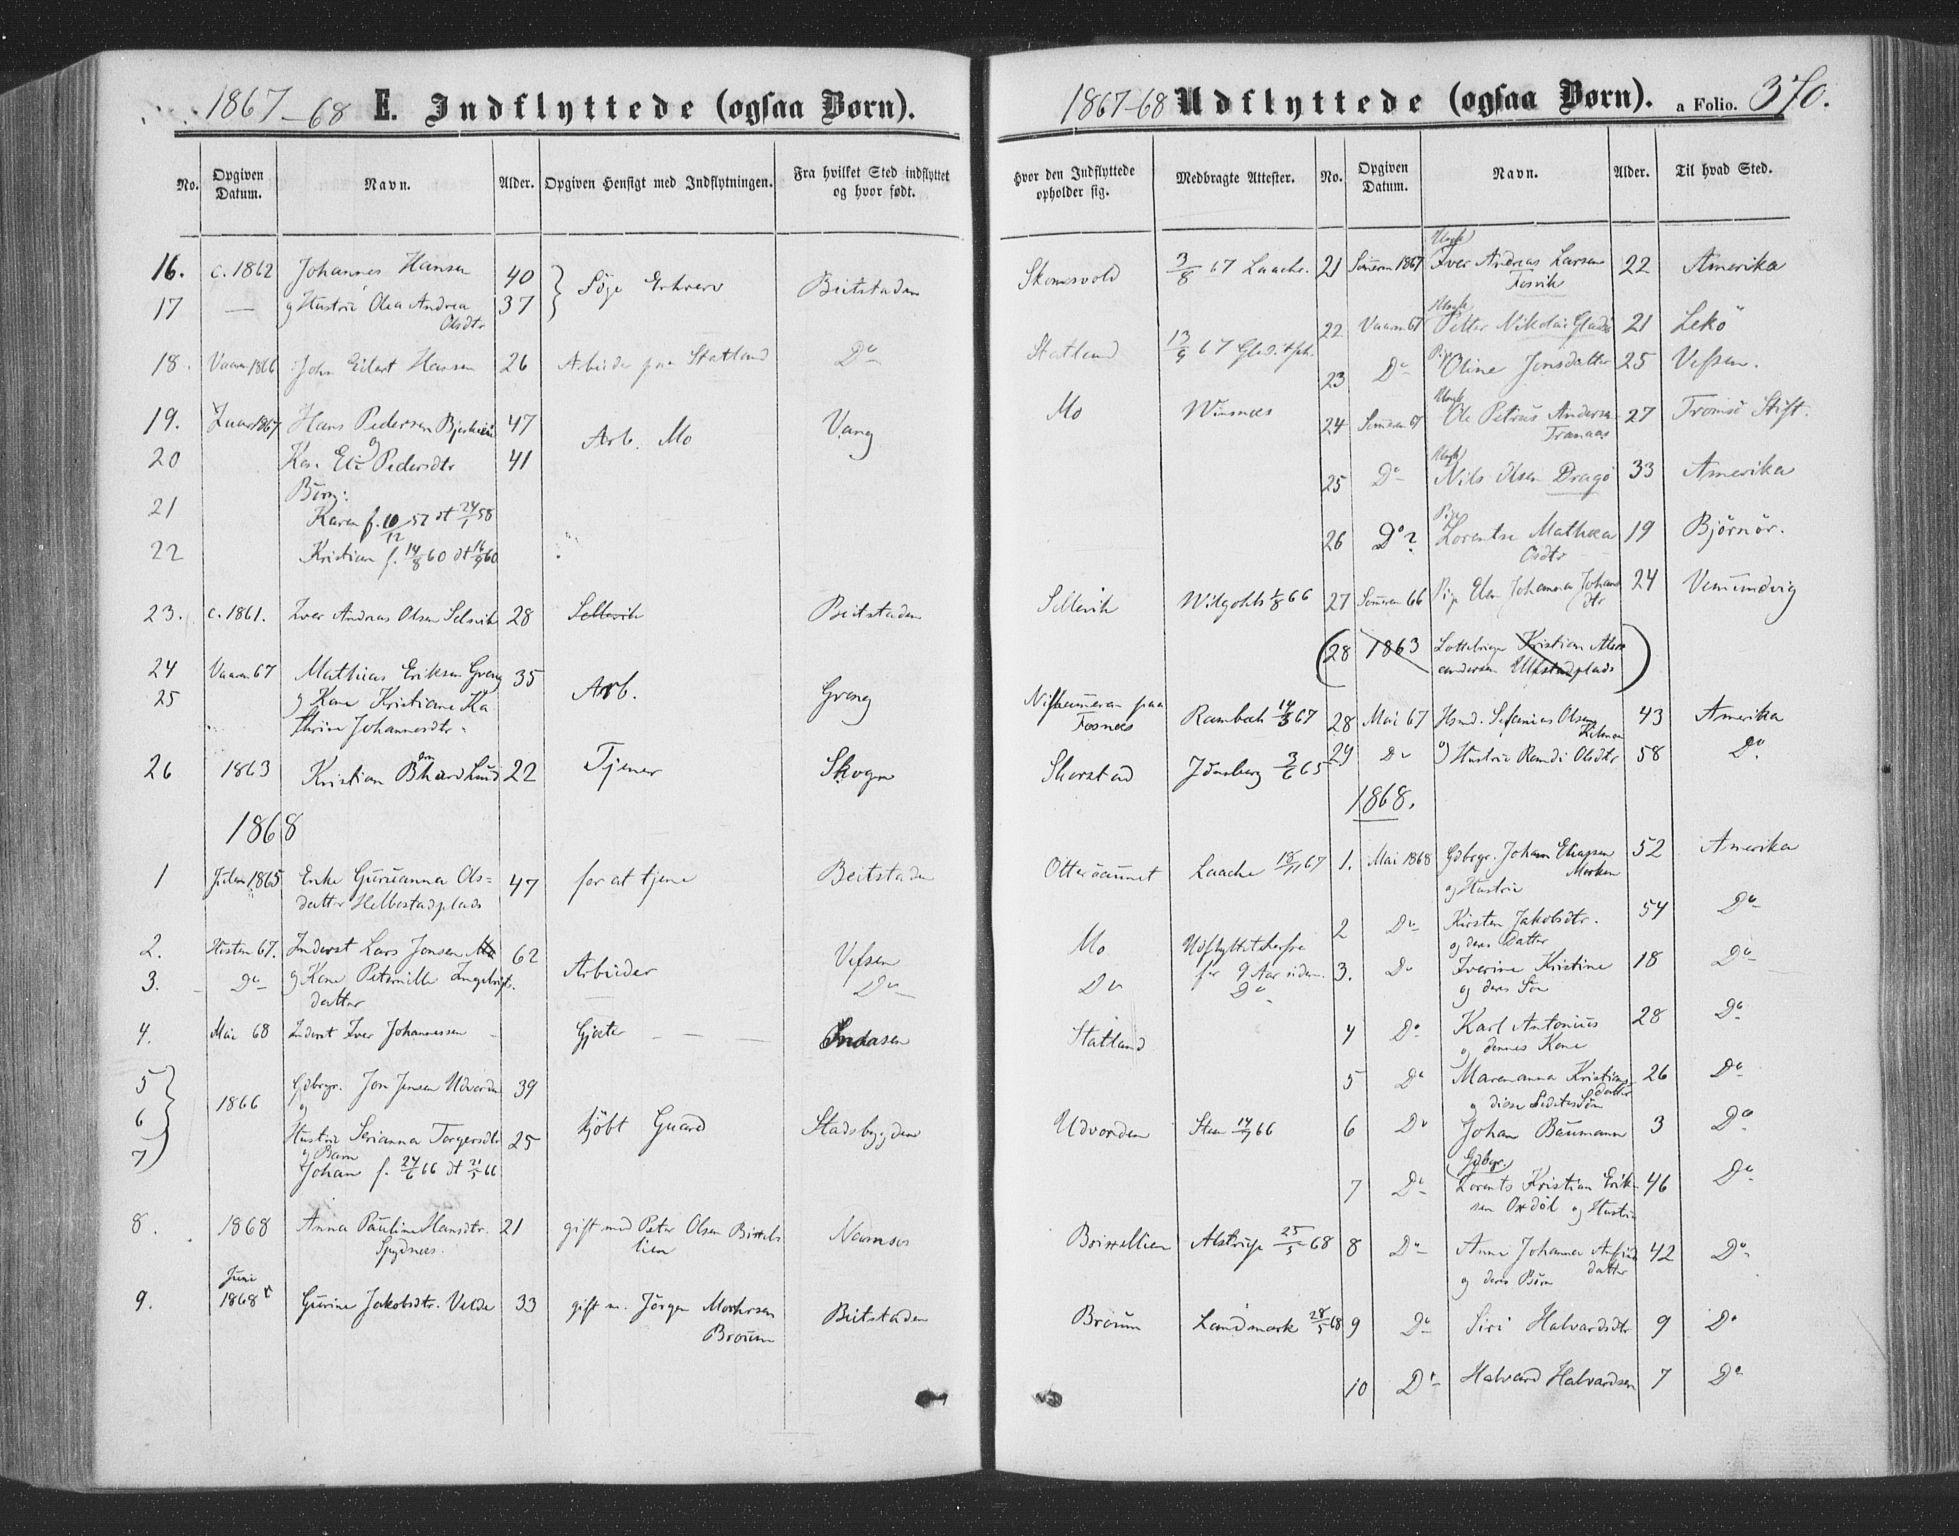 SAT, Ministerialprotokoller, klokkerbøker og fødselsregistre - Nord-Trøndelag, 773/L0615: Ministerialbok nr. 773A06, 1857-1870, s. 370